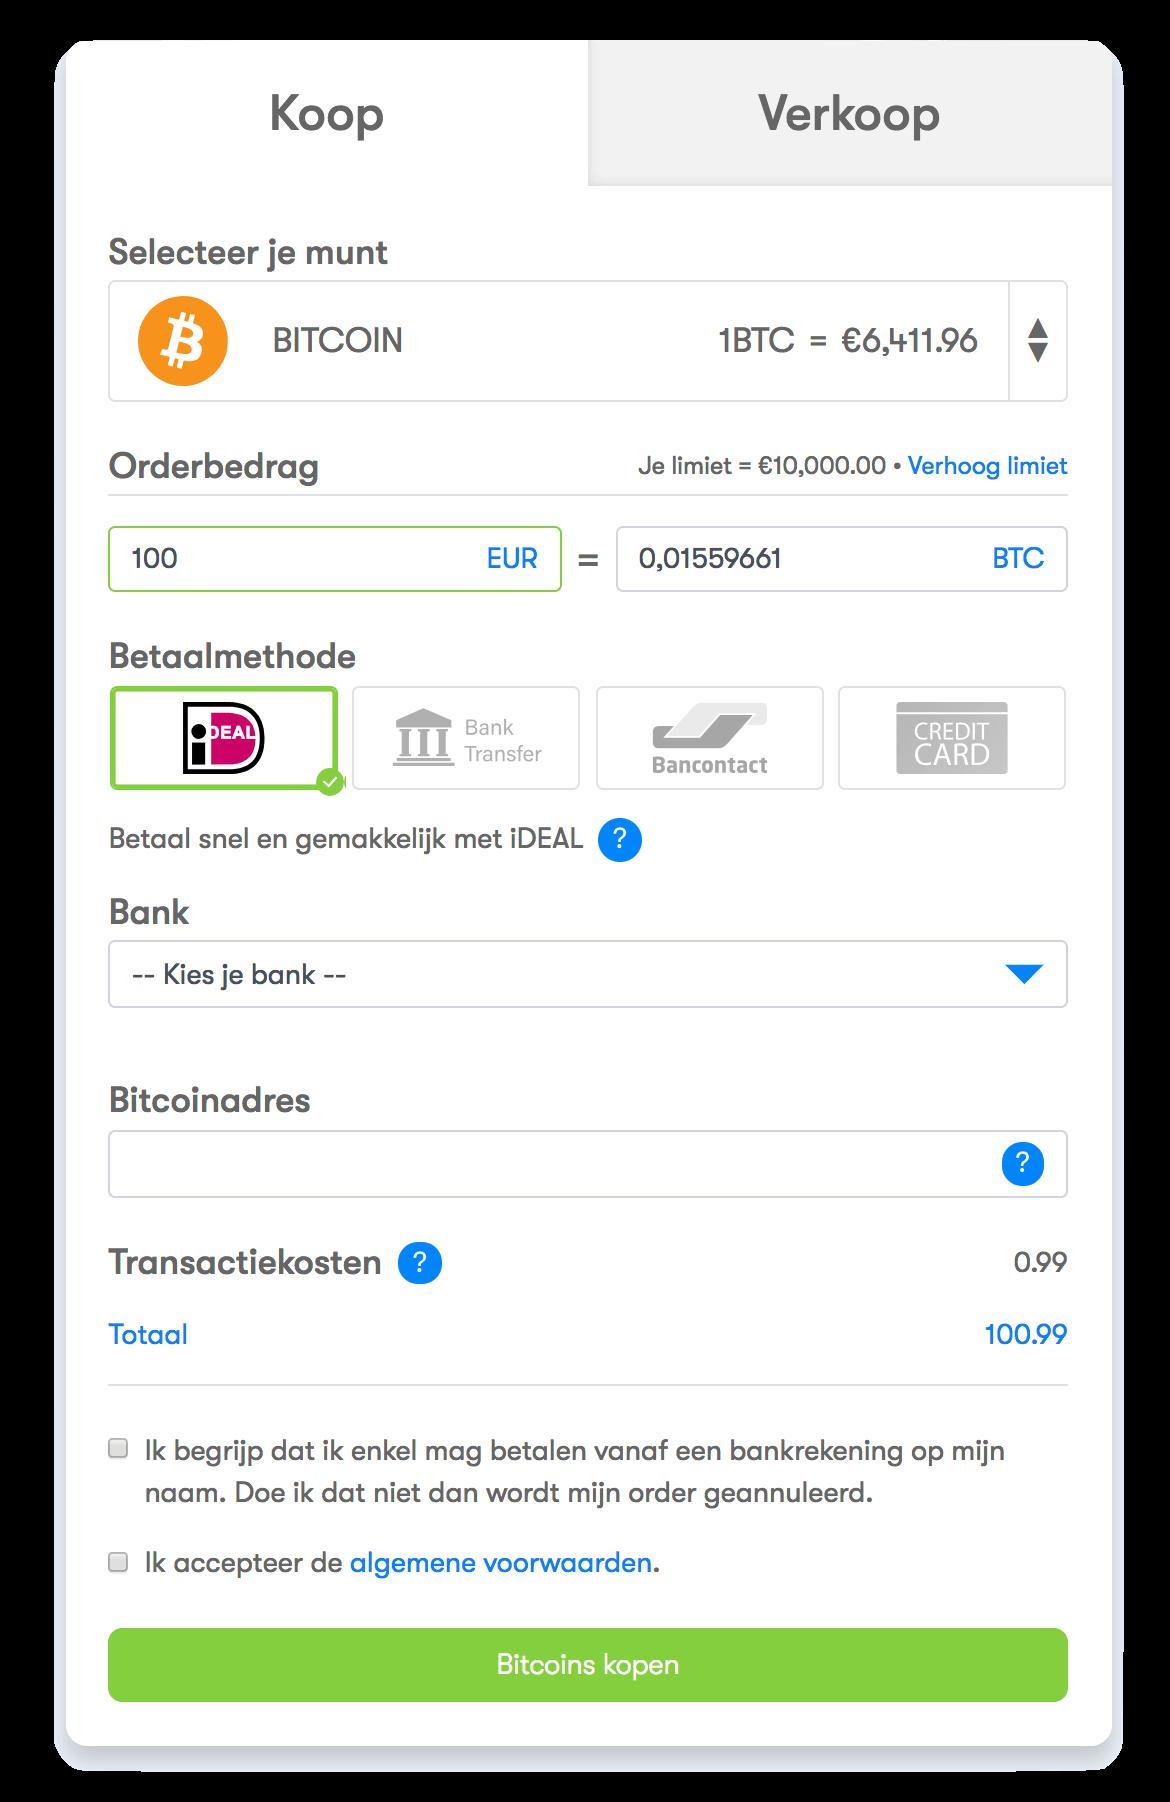 Hoe werkt bitcoin kopen?